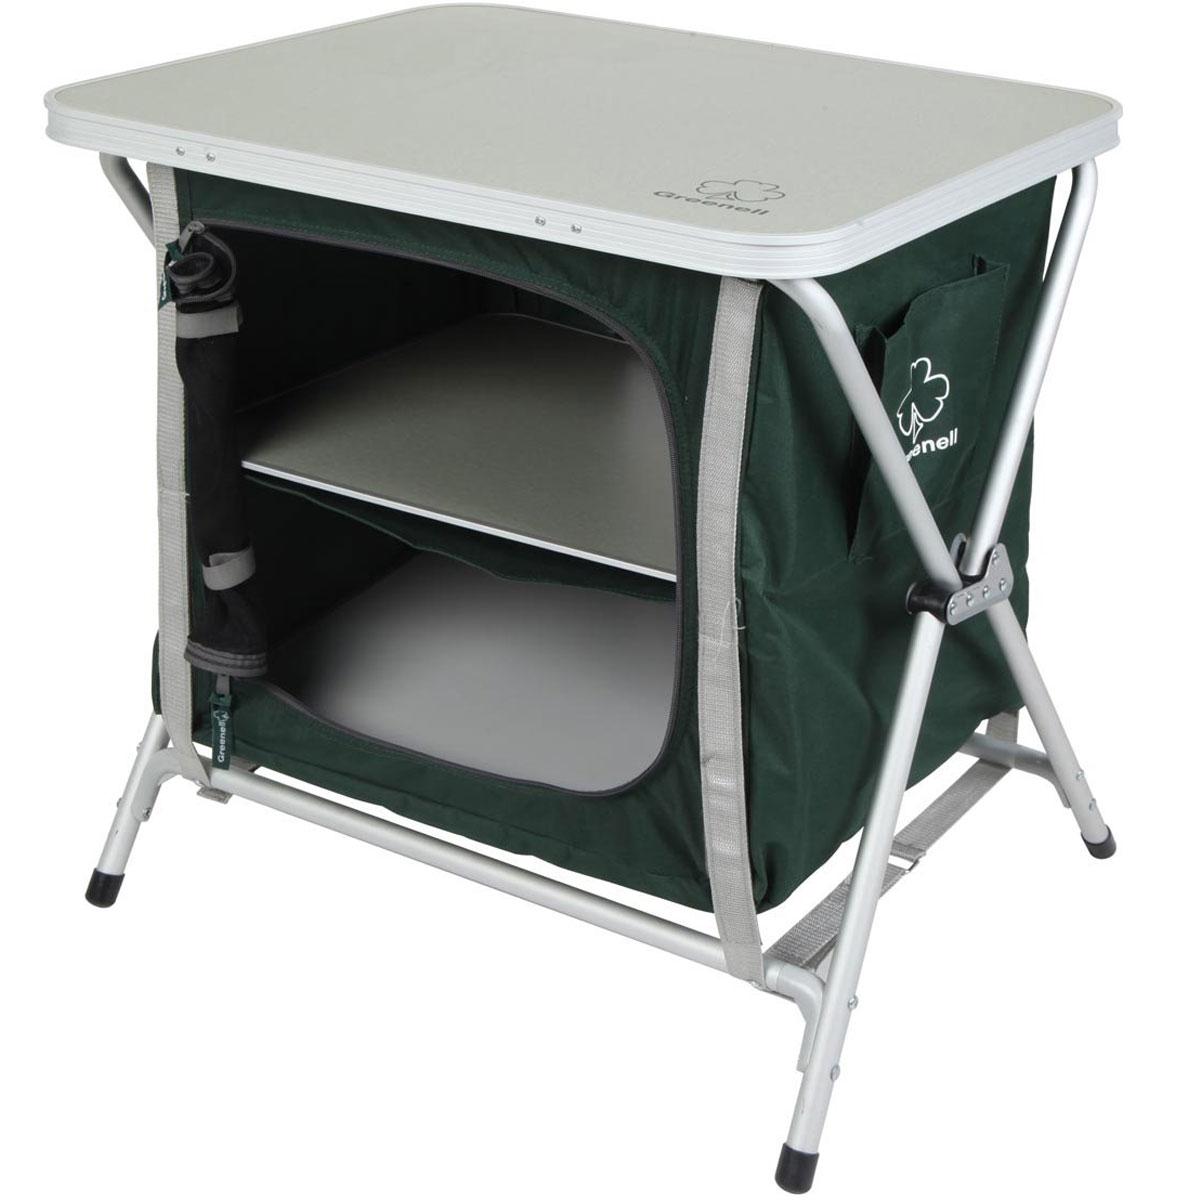 Стеллаж складной Greenell FR-5S, цвет: зеленый. 95223-303-0095223-303-00Складной стеллаж пригодится для отдыха на природе. Стеллаж незаменим для отдыха на свежем воздухе, во время выездов к озеру, в лес с палаткой, на пикники. Любителю отдыхать на природе полезно иметь в багажнике компактный складной стеллаж Greenell FR-5S. В комплекте удобный чехол-сумка для переноски и хранения. Максимальная нагрузка: 30 кг.